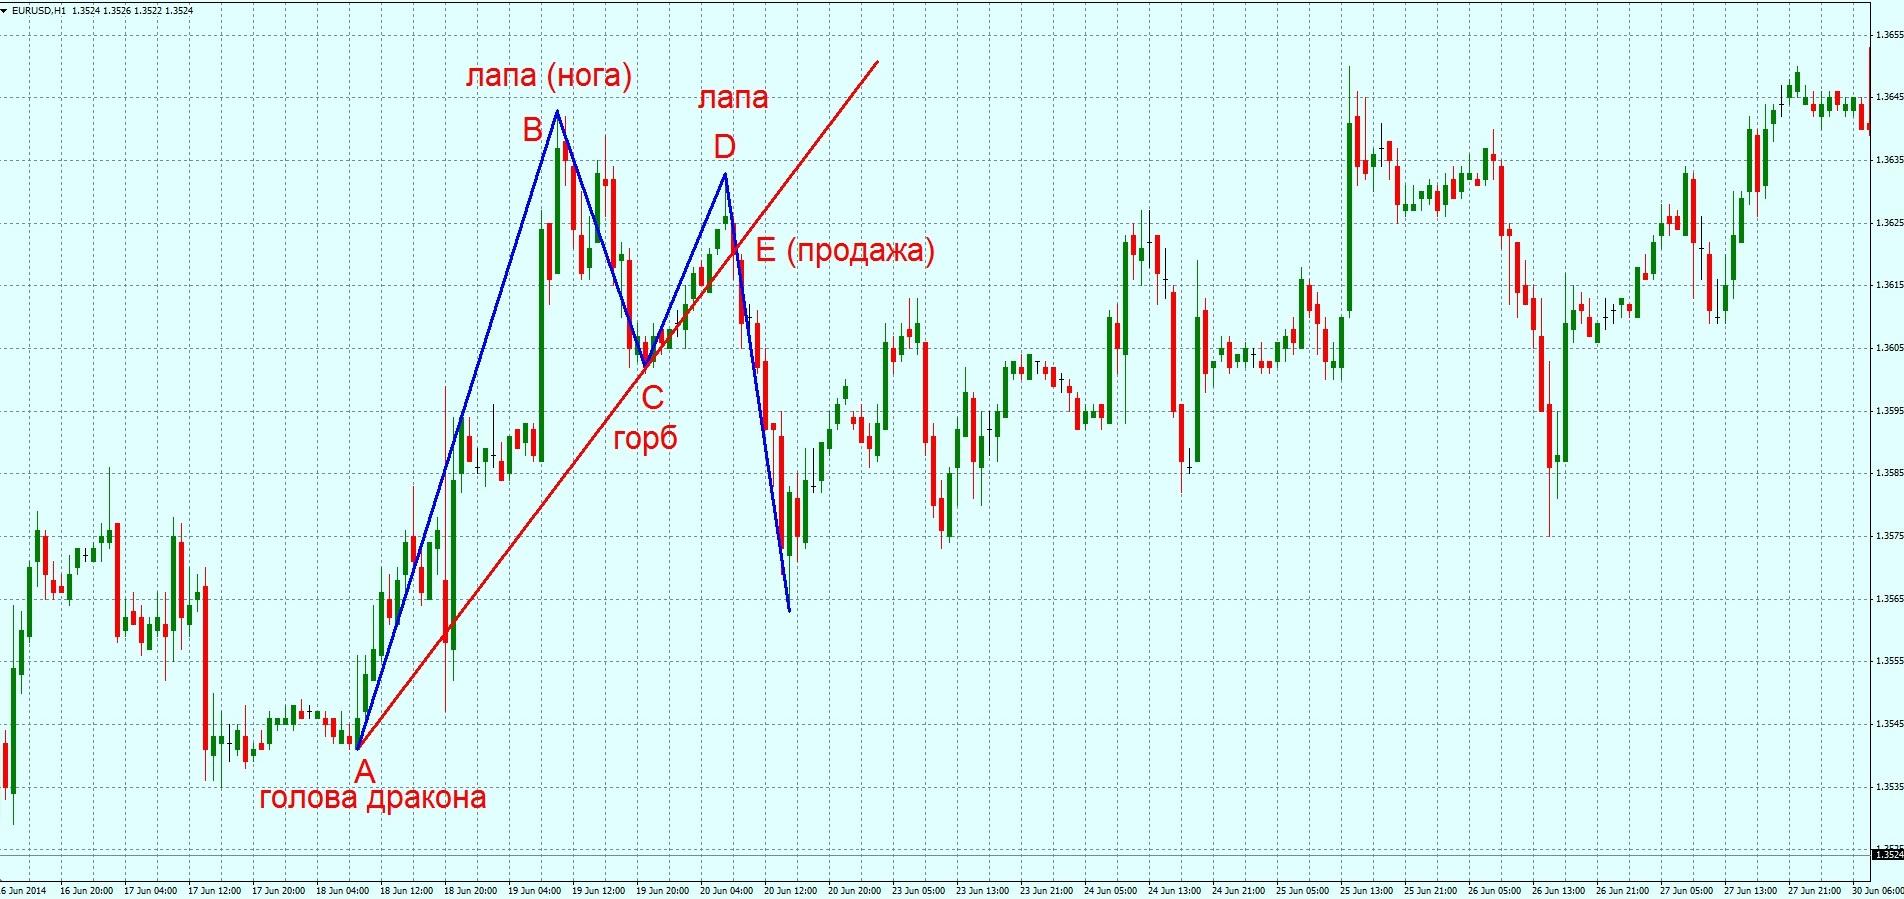 Дракон forex торговля на бирже виртуальными деньгами